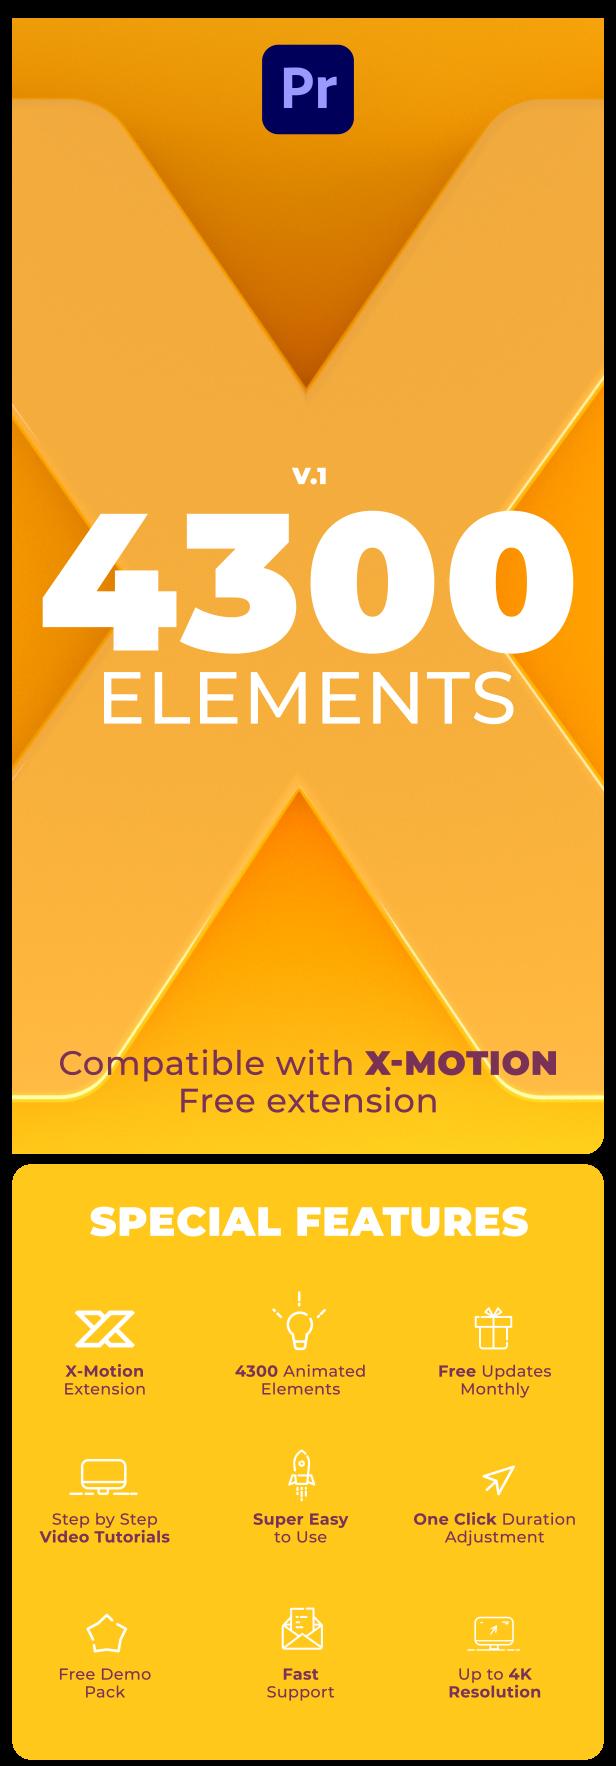 中文汉化PR脚本-4300个丰富多彩创意独特场景信息图形线条动画扩展工具包 X-Motion-v1.4 for Win/Mac破解版插图2